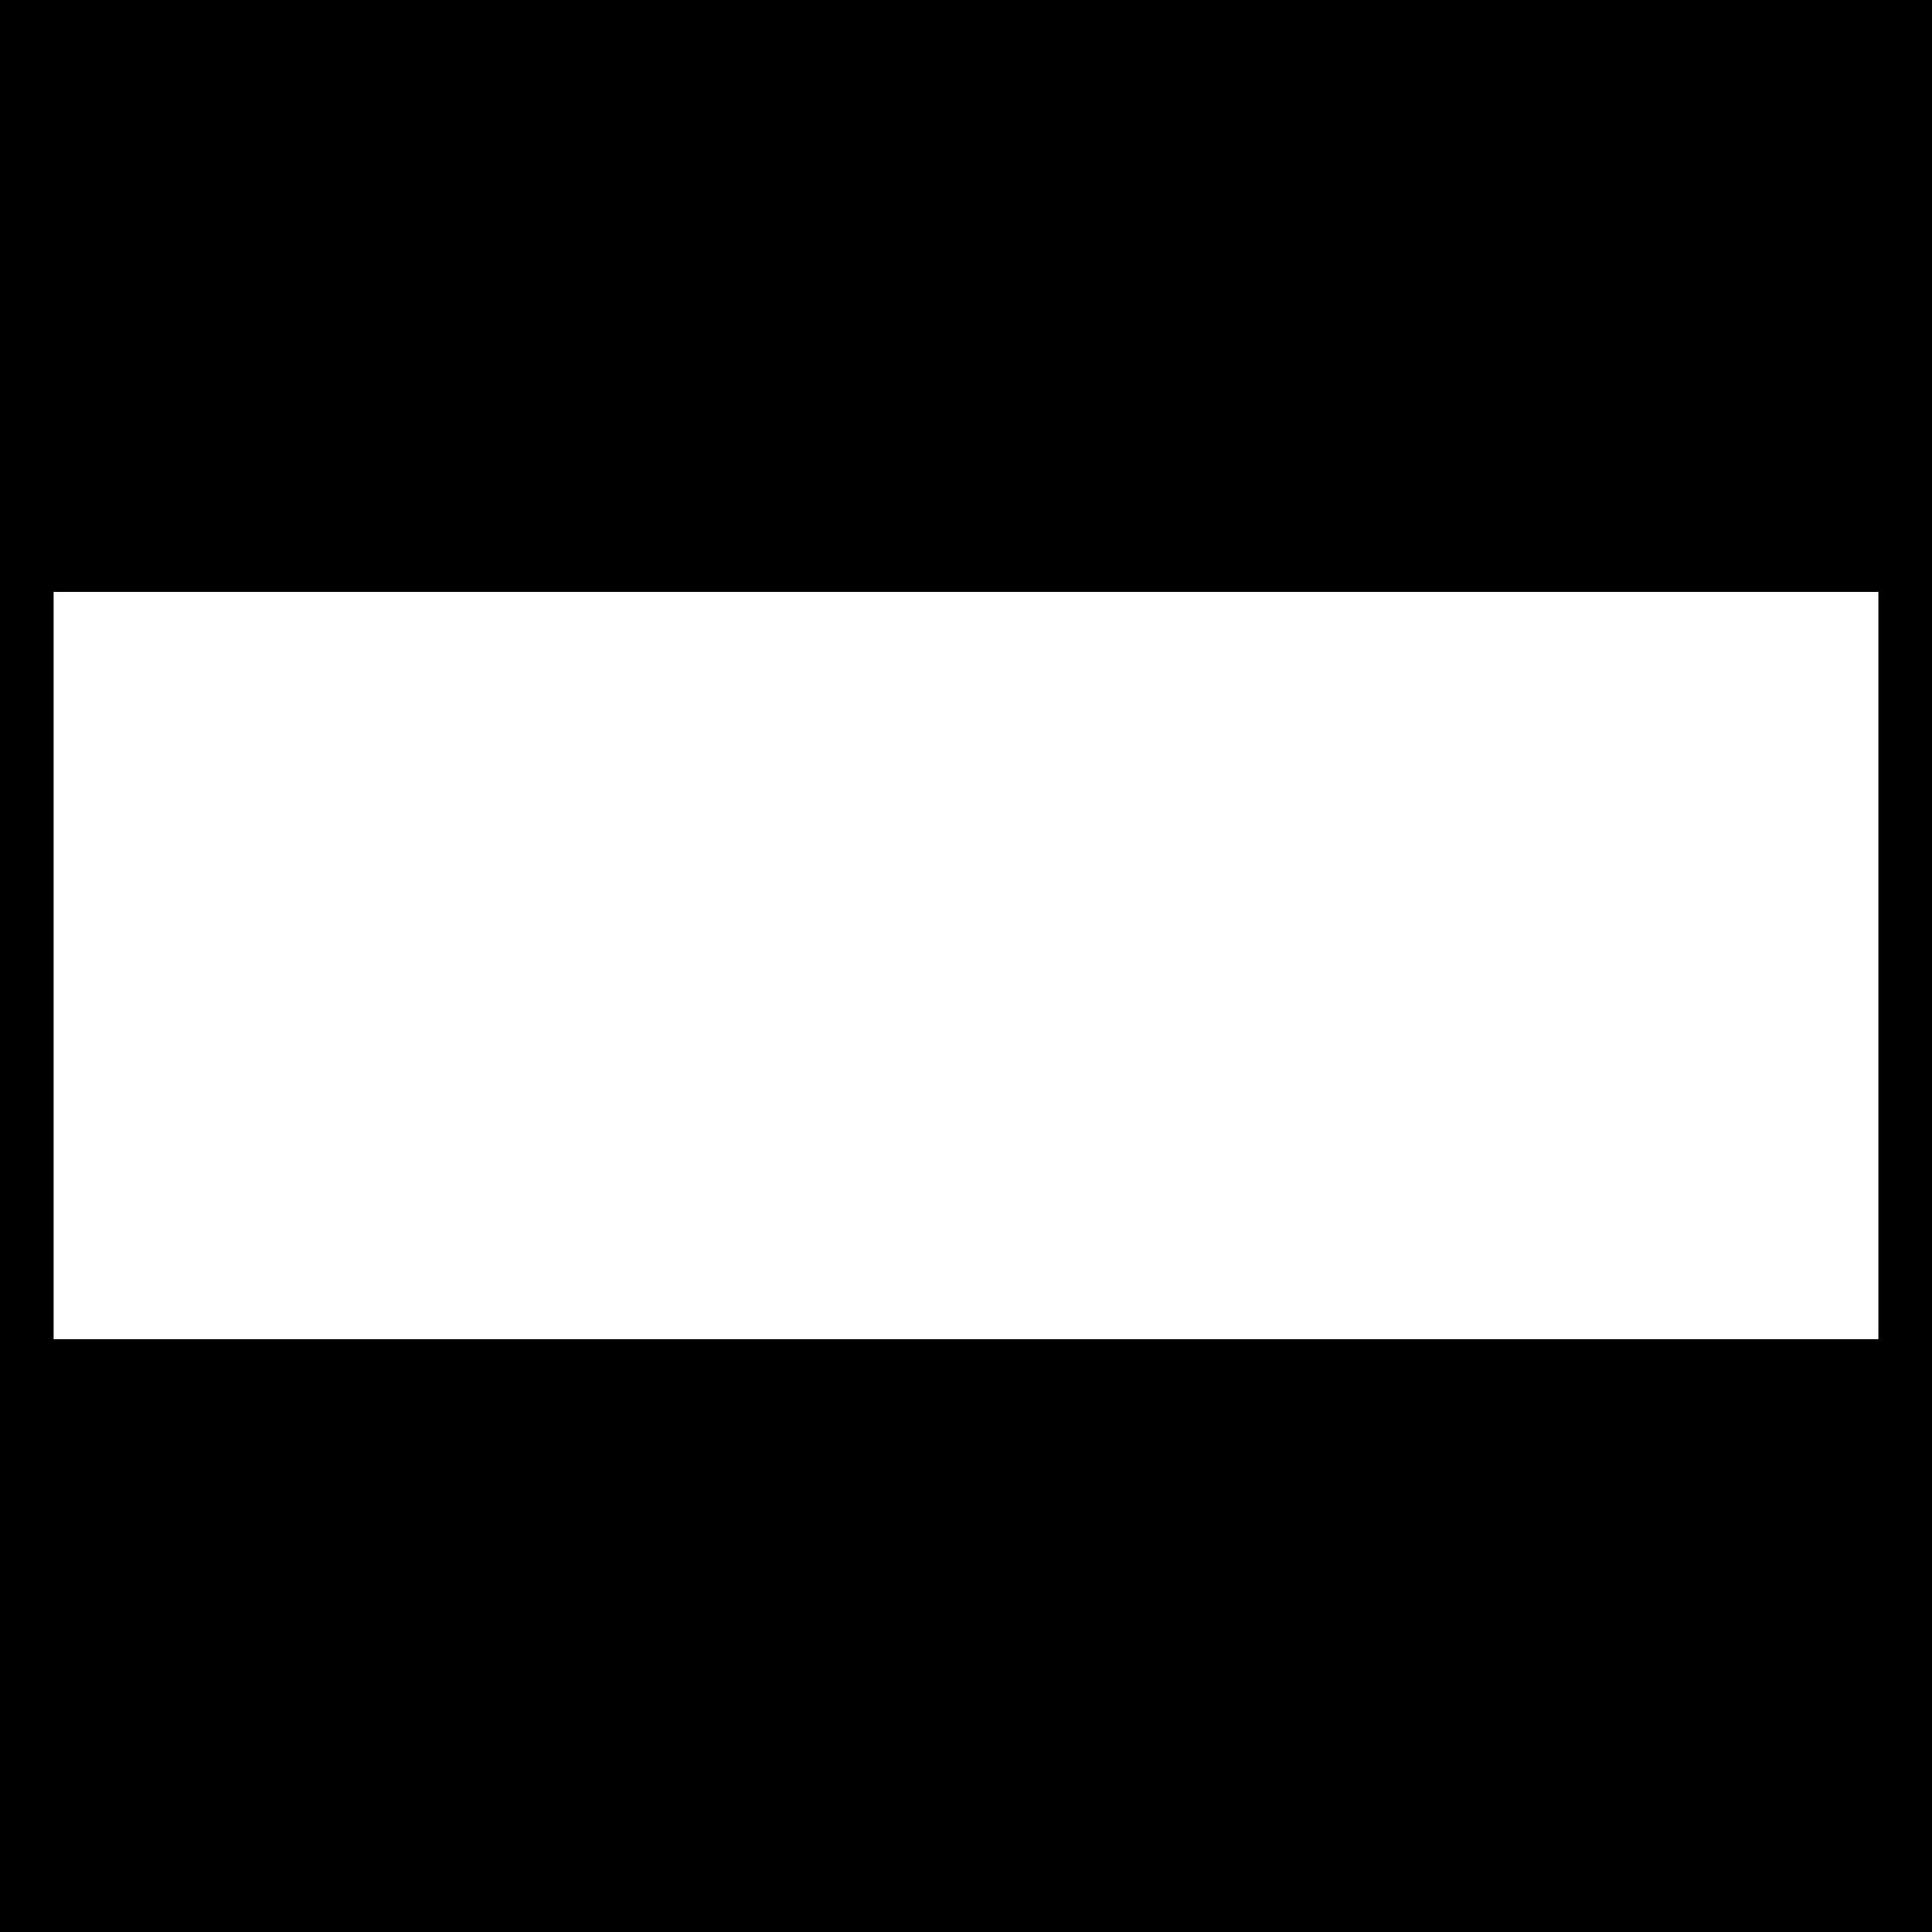 Bertha White